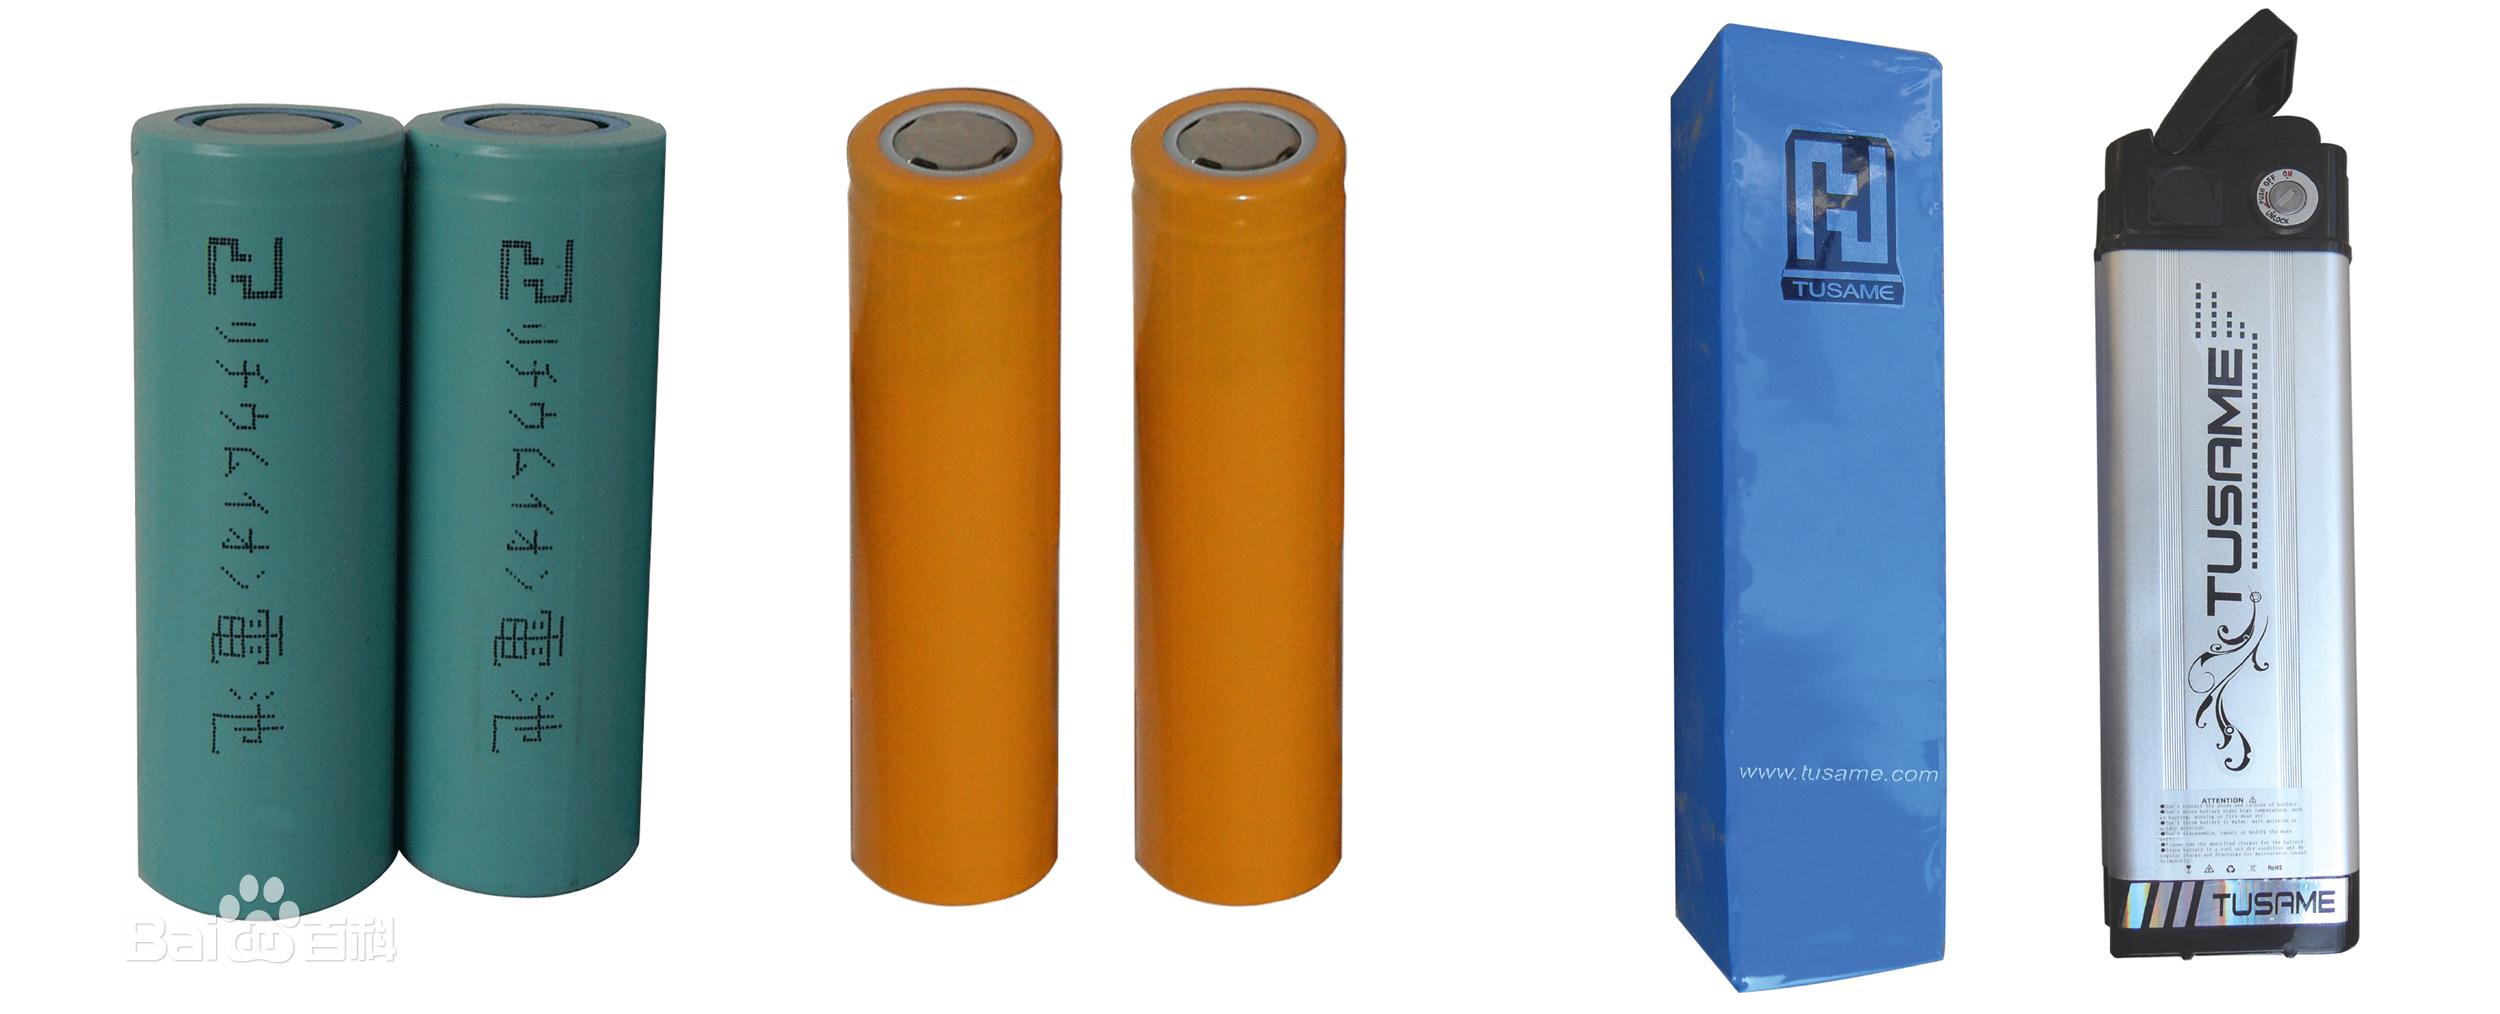 锂电池图片_百度百科